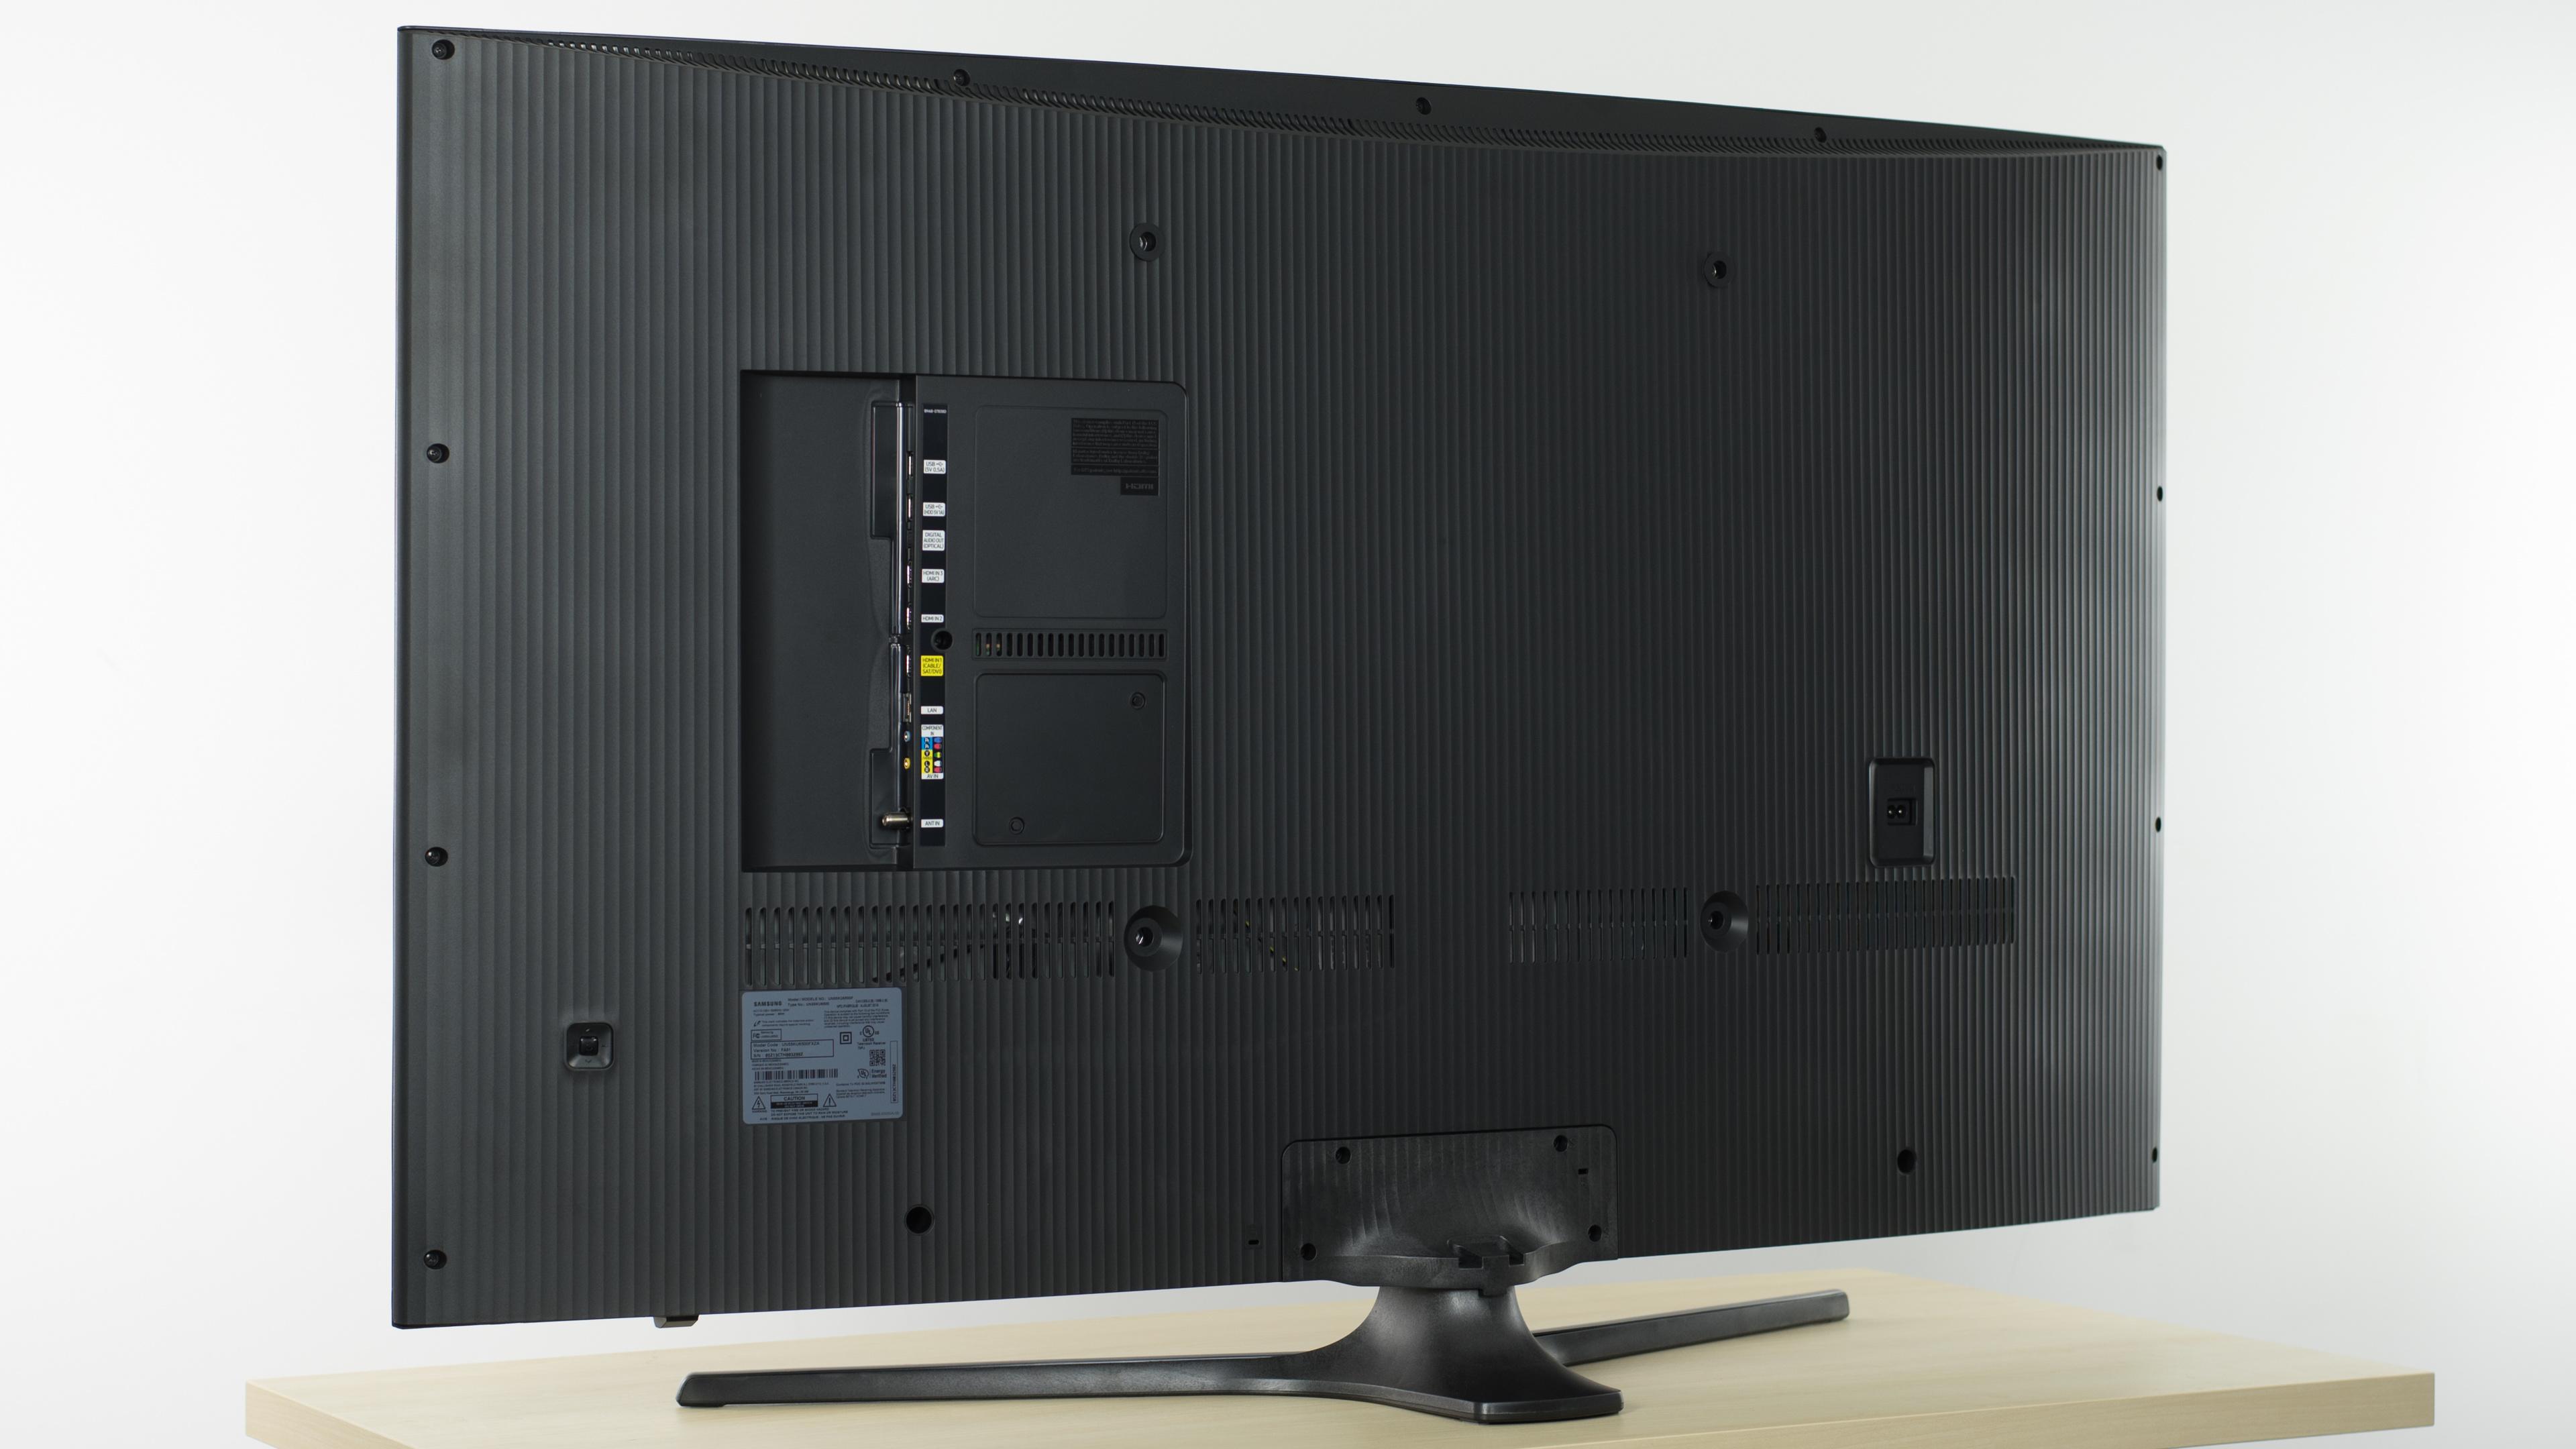 Samsung Ku6500 Review Un49ku6500 Un55ku6500 Un65ku6500